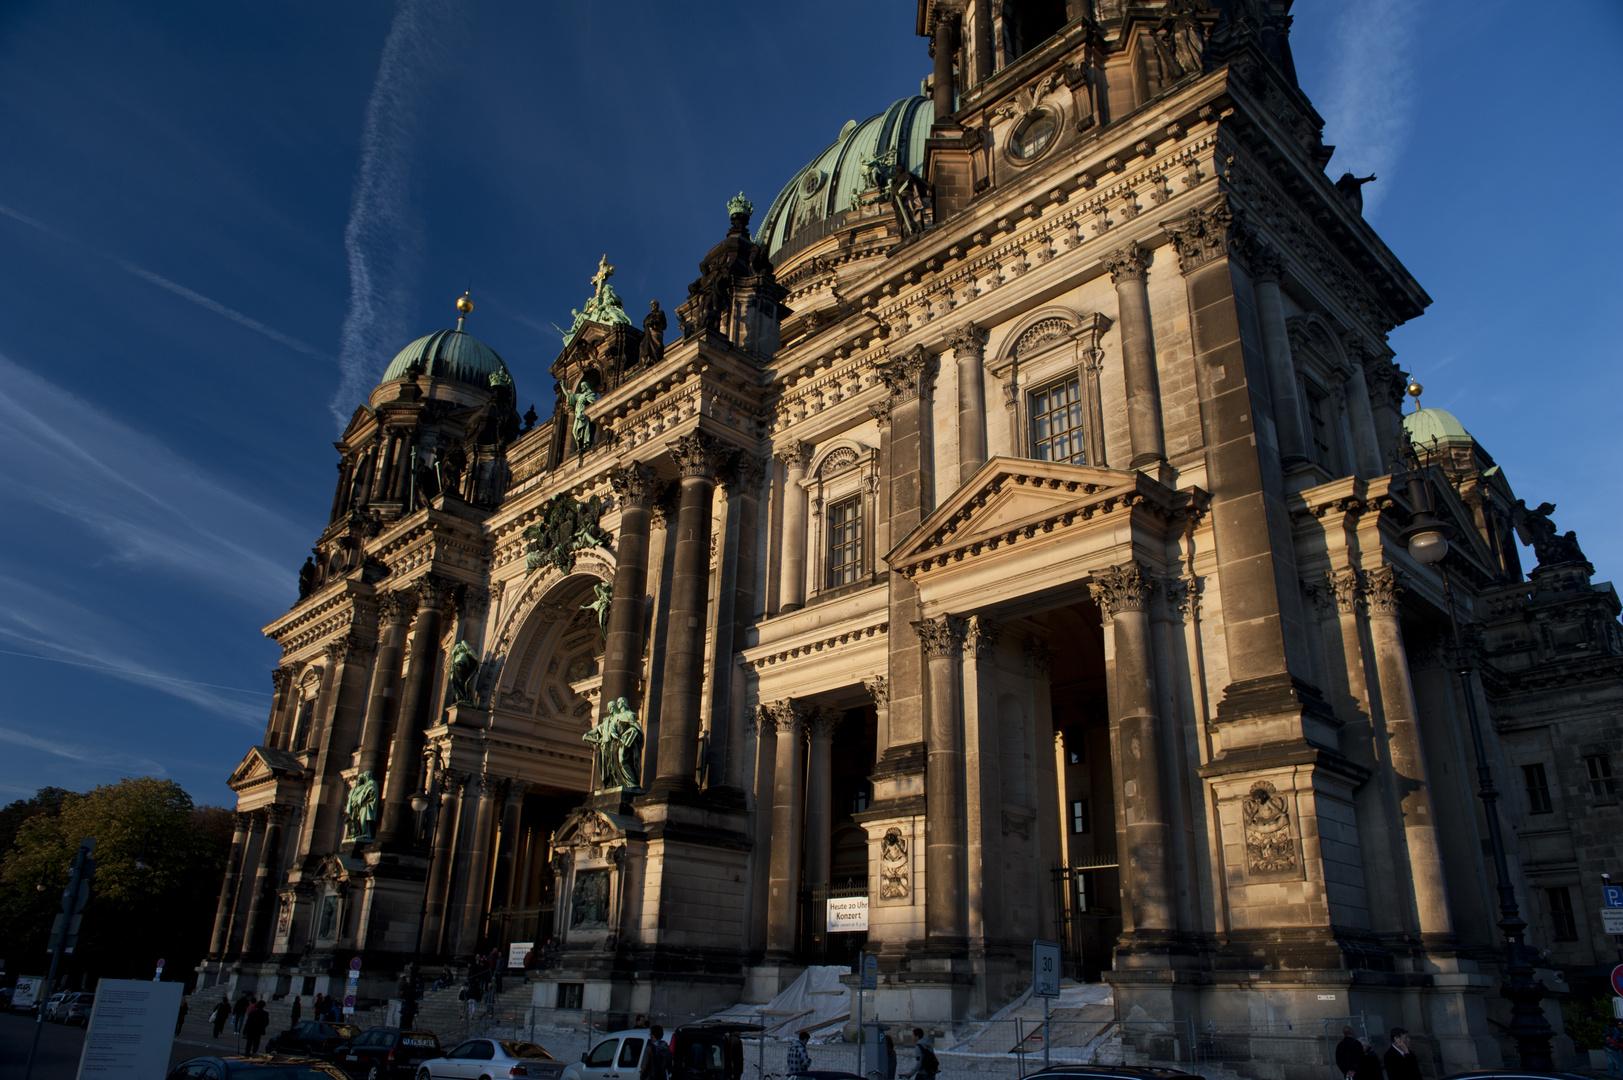 Der Dom von Berlin